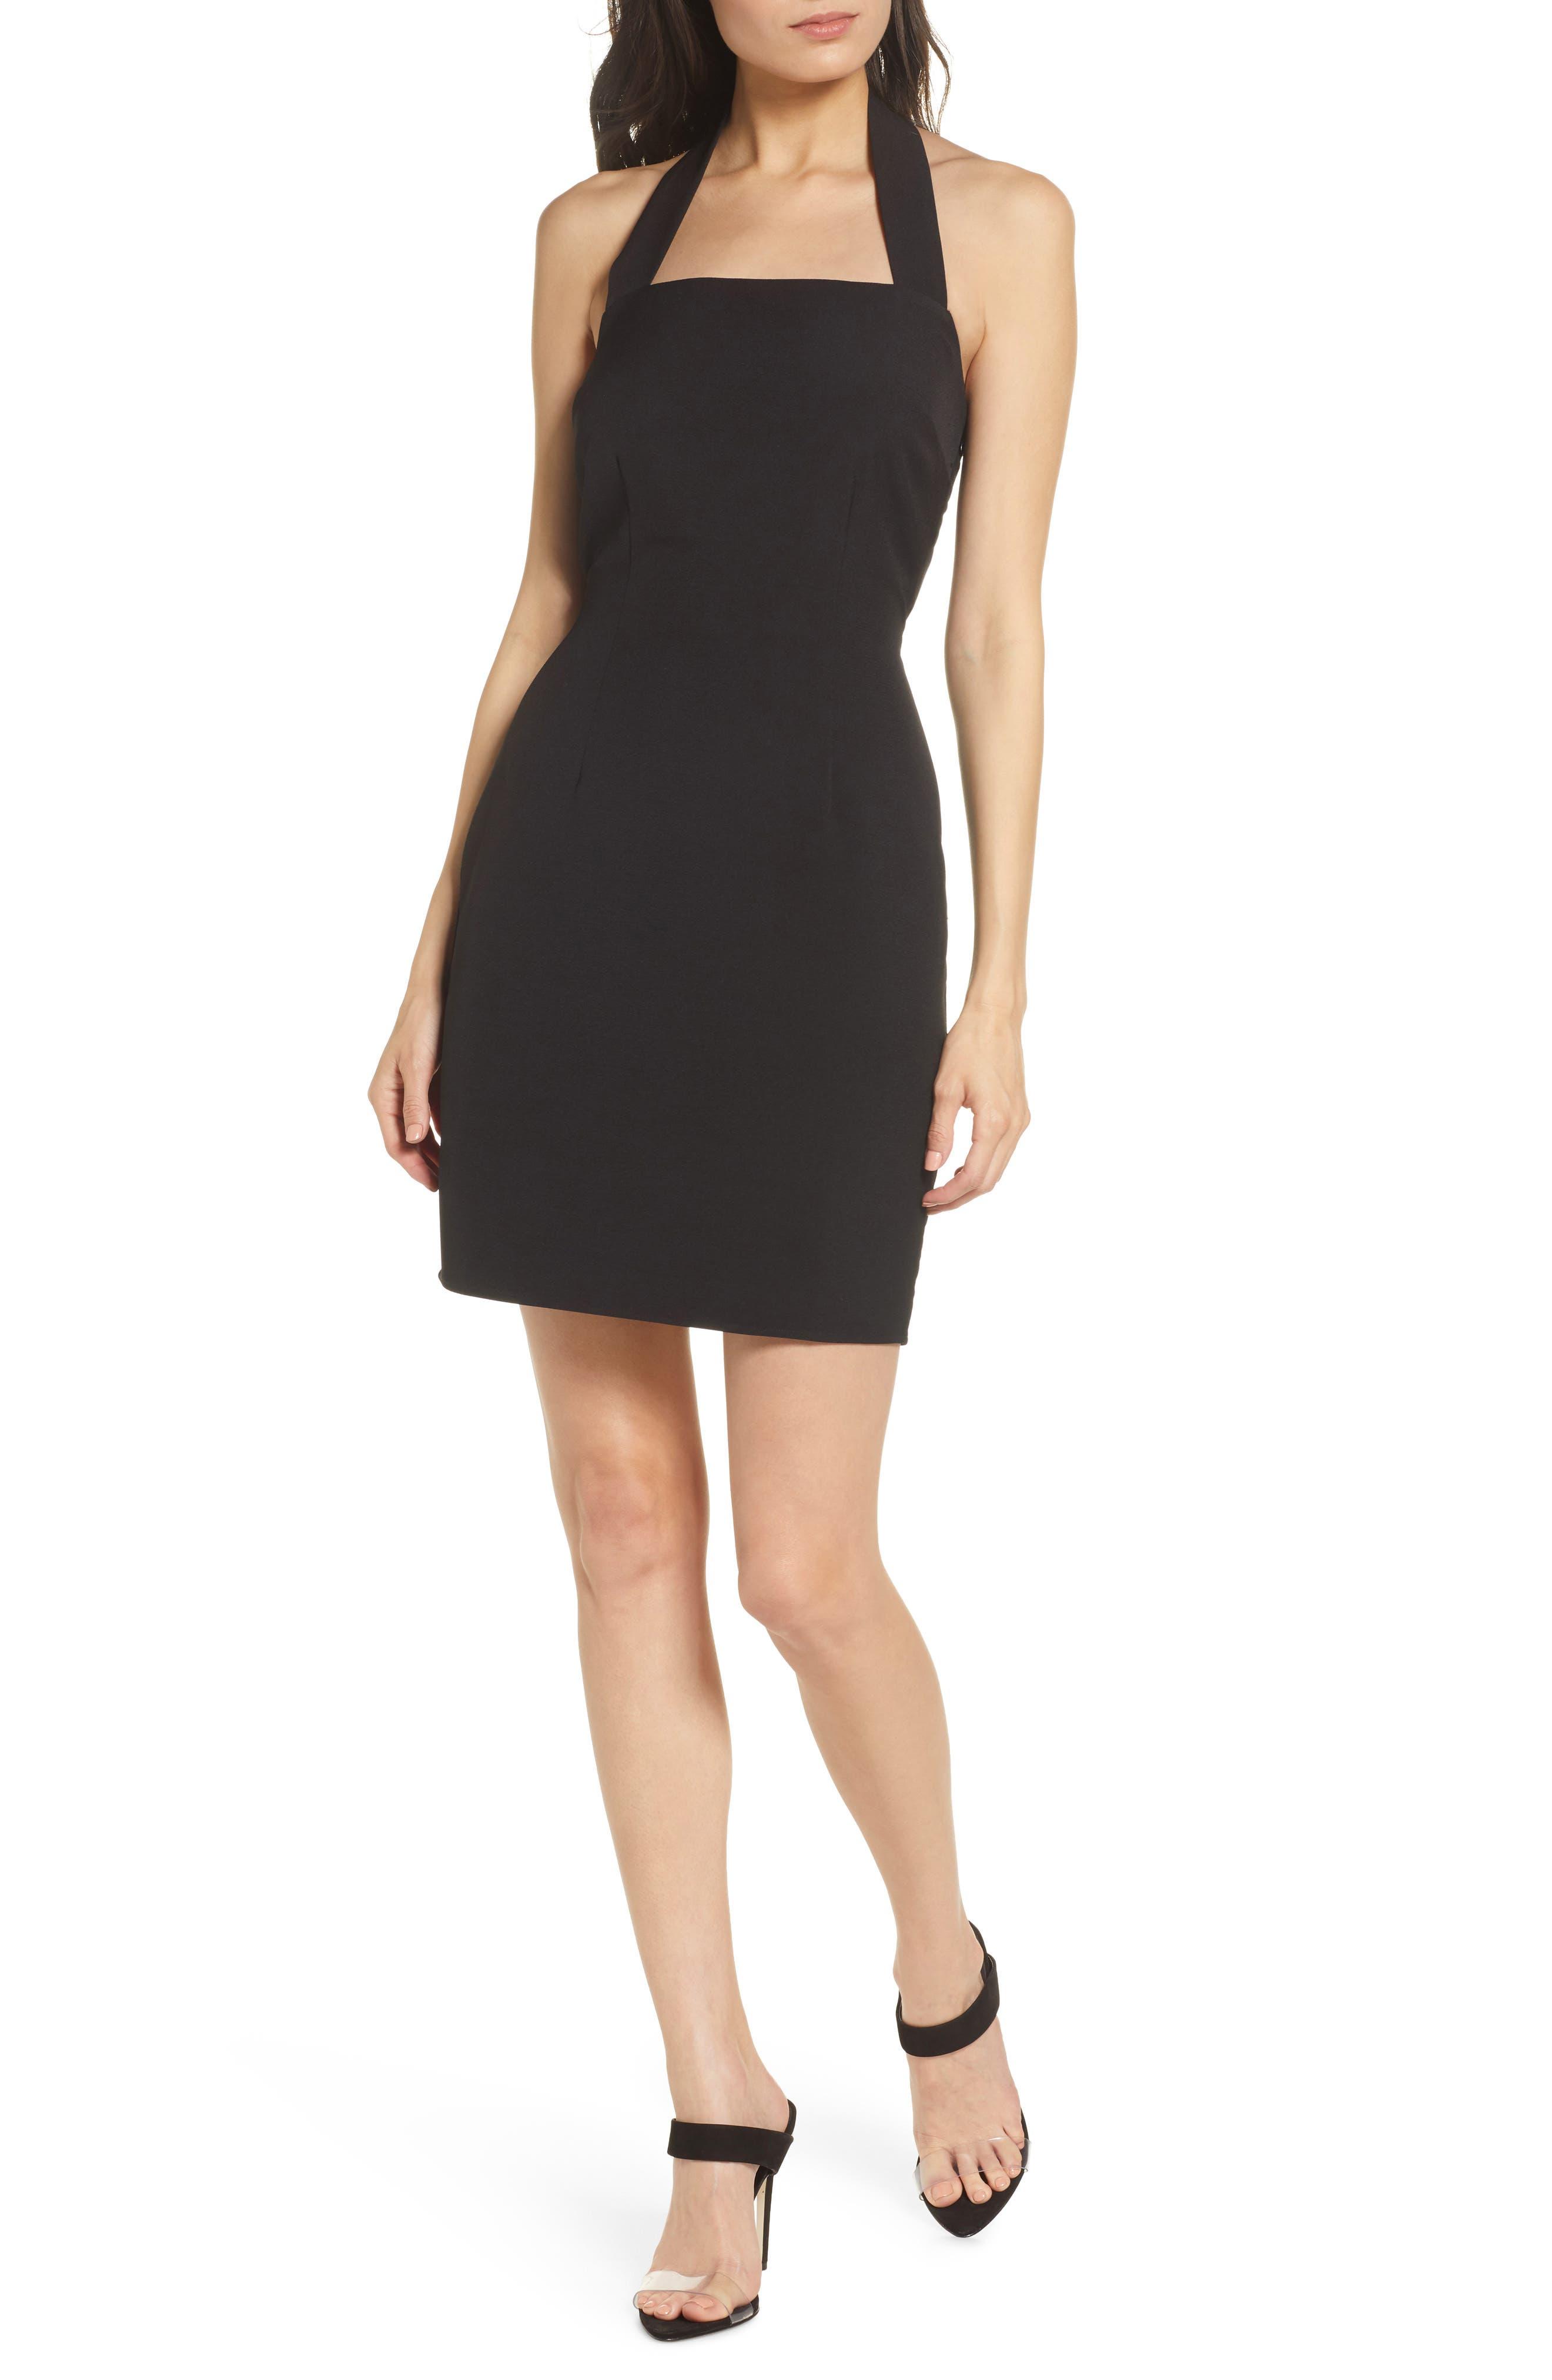 Nsr Victoria Halter Neck Cocktail Dress, Black